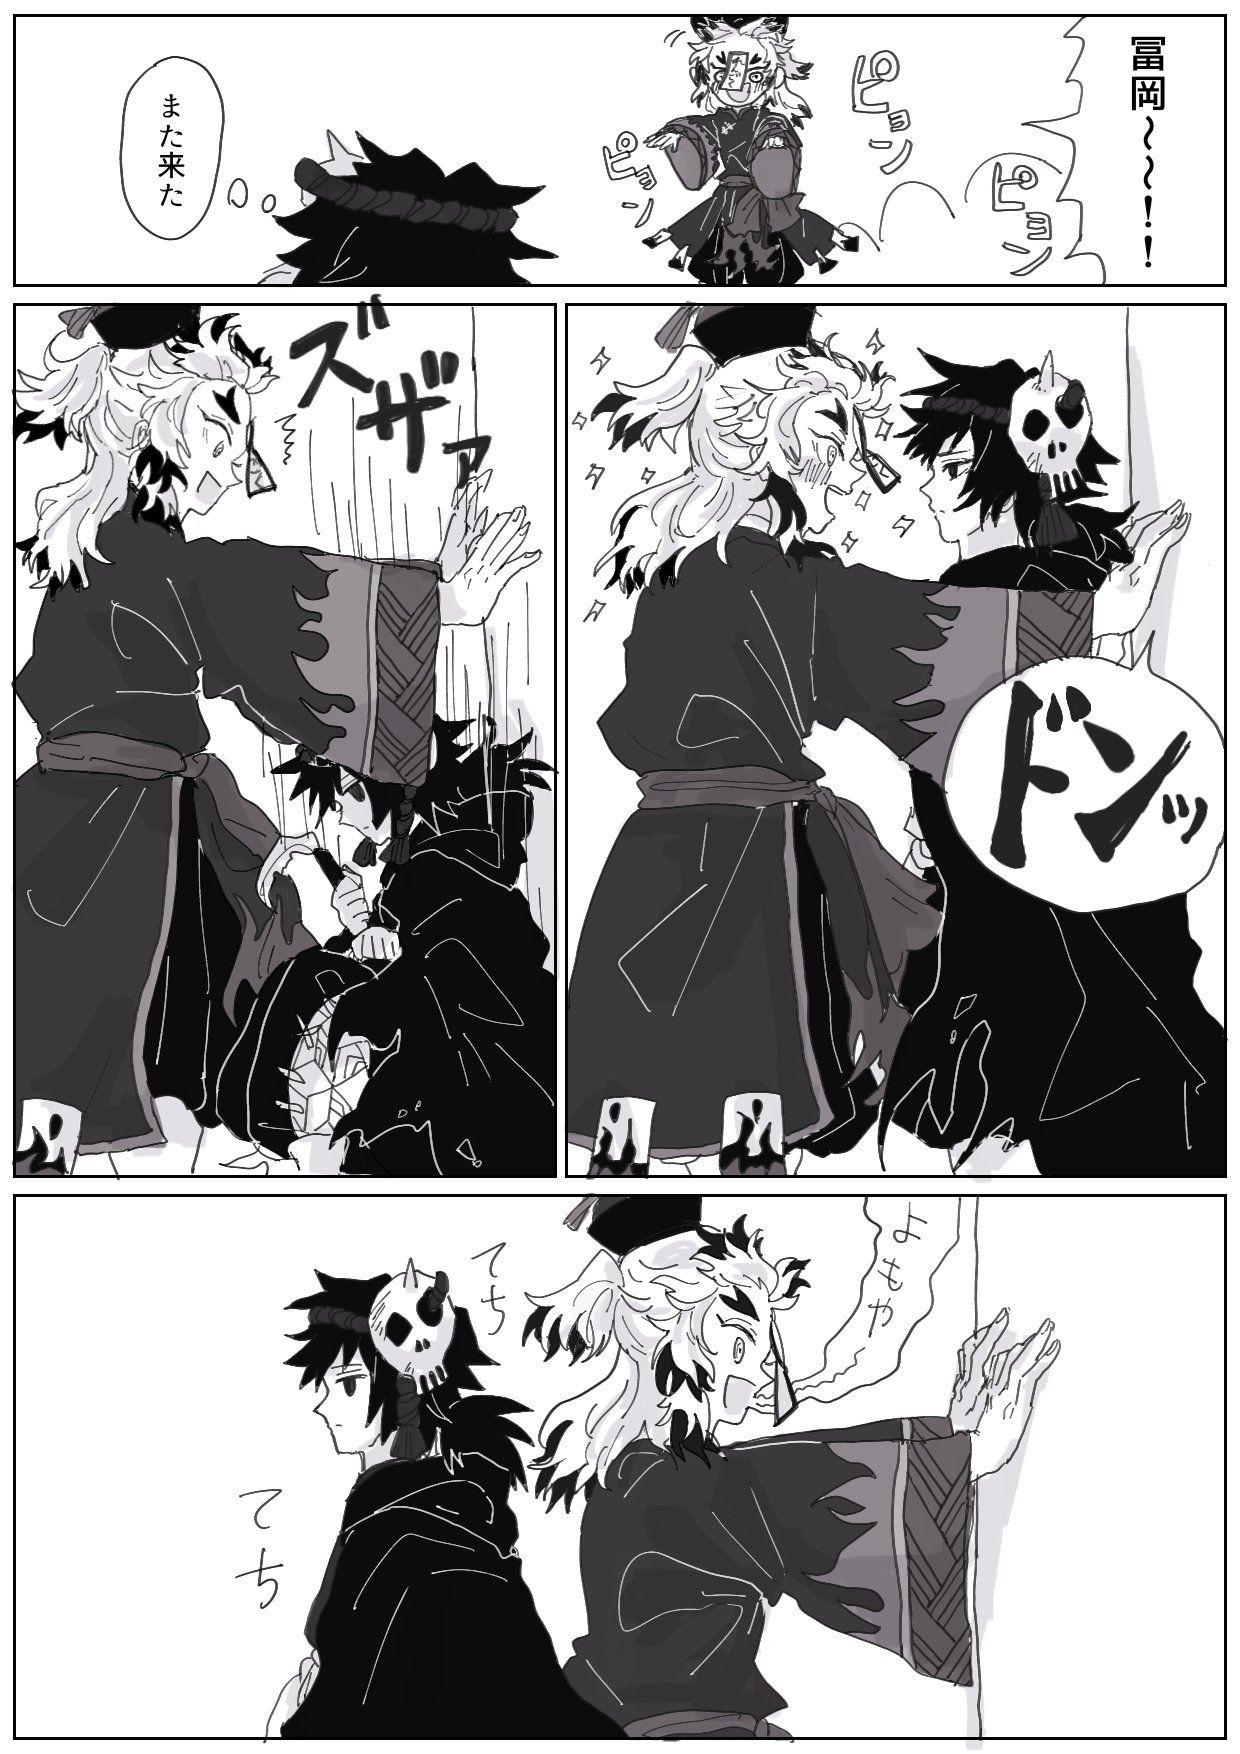 めょむ On Twitter 煉義 ハッピーハロウィン 狂気 キョンシーのポーズって壁ドンしやすそうだよねっていうだけの漫画です Anime Demon Slayer Anime Cute Bat